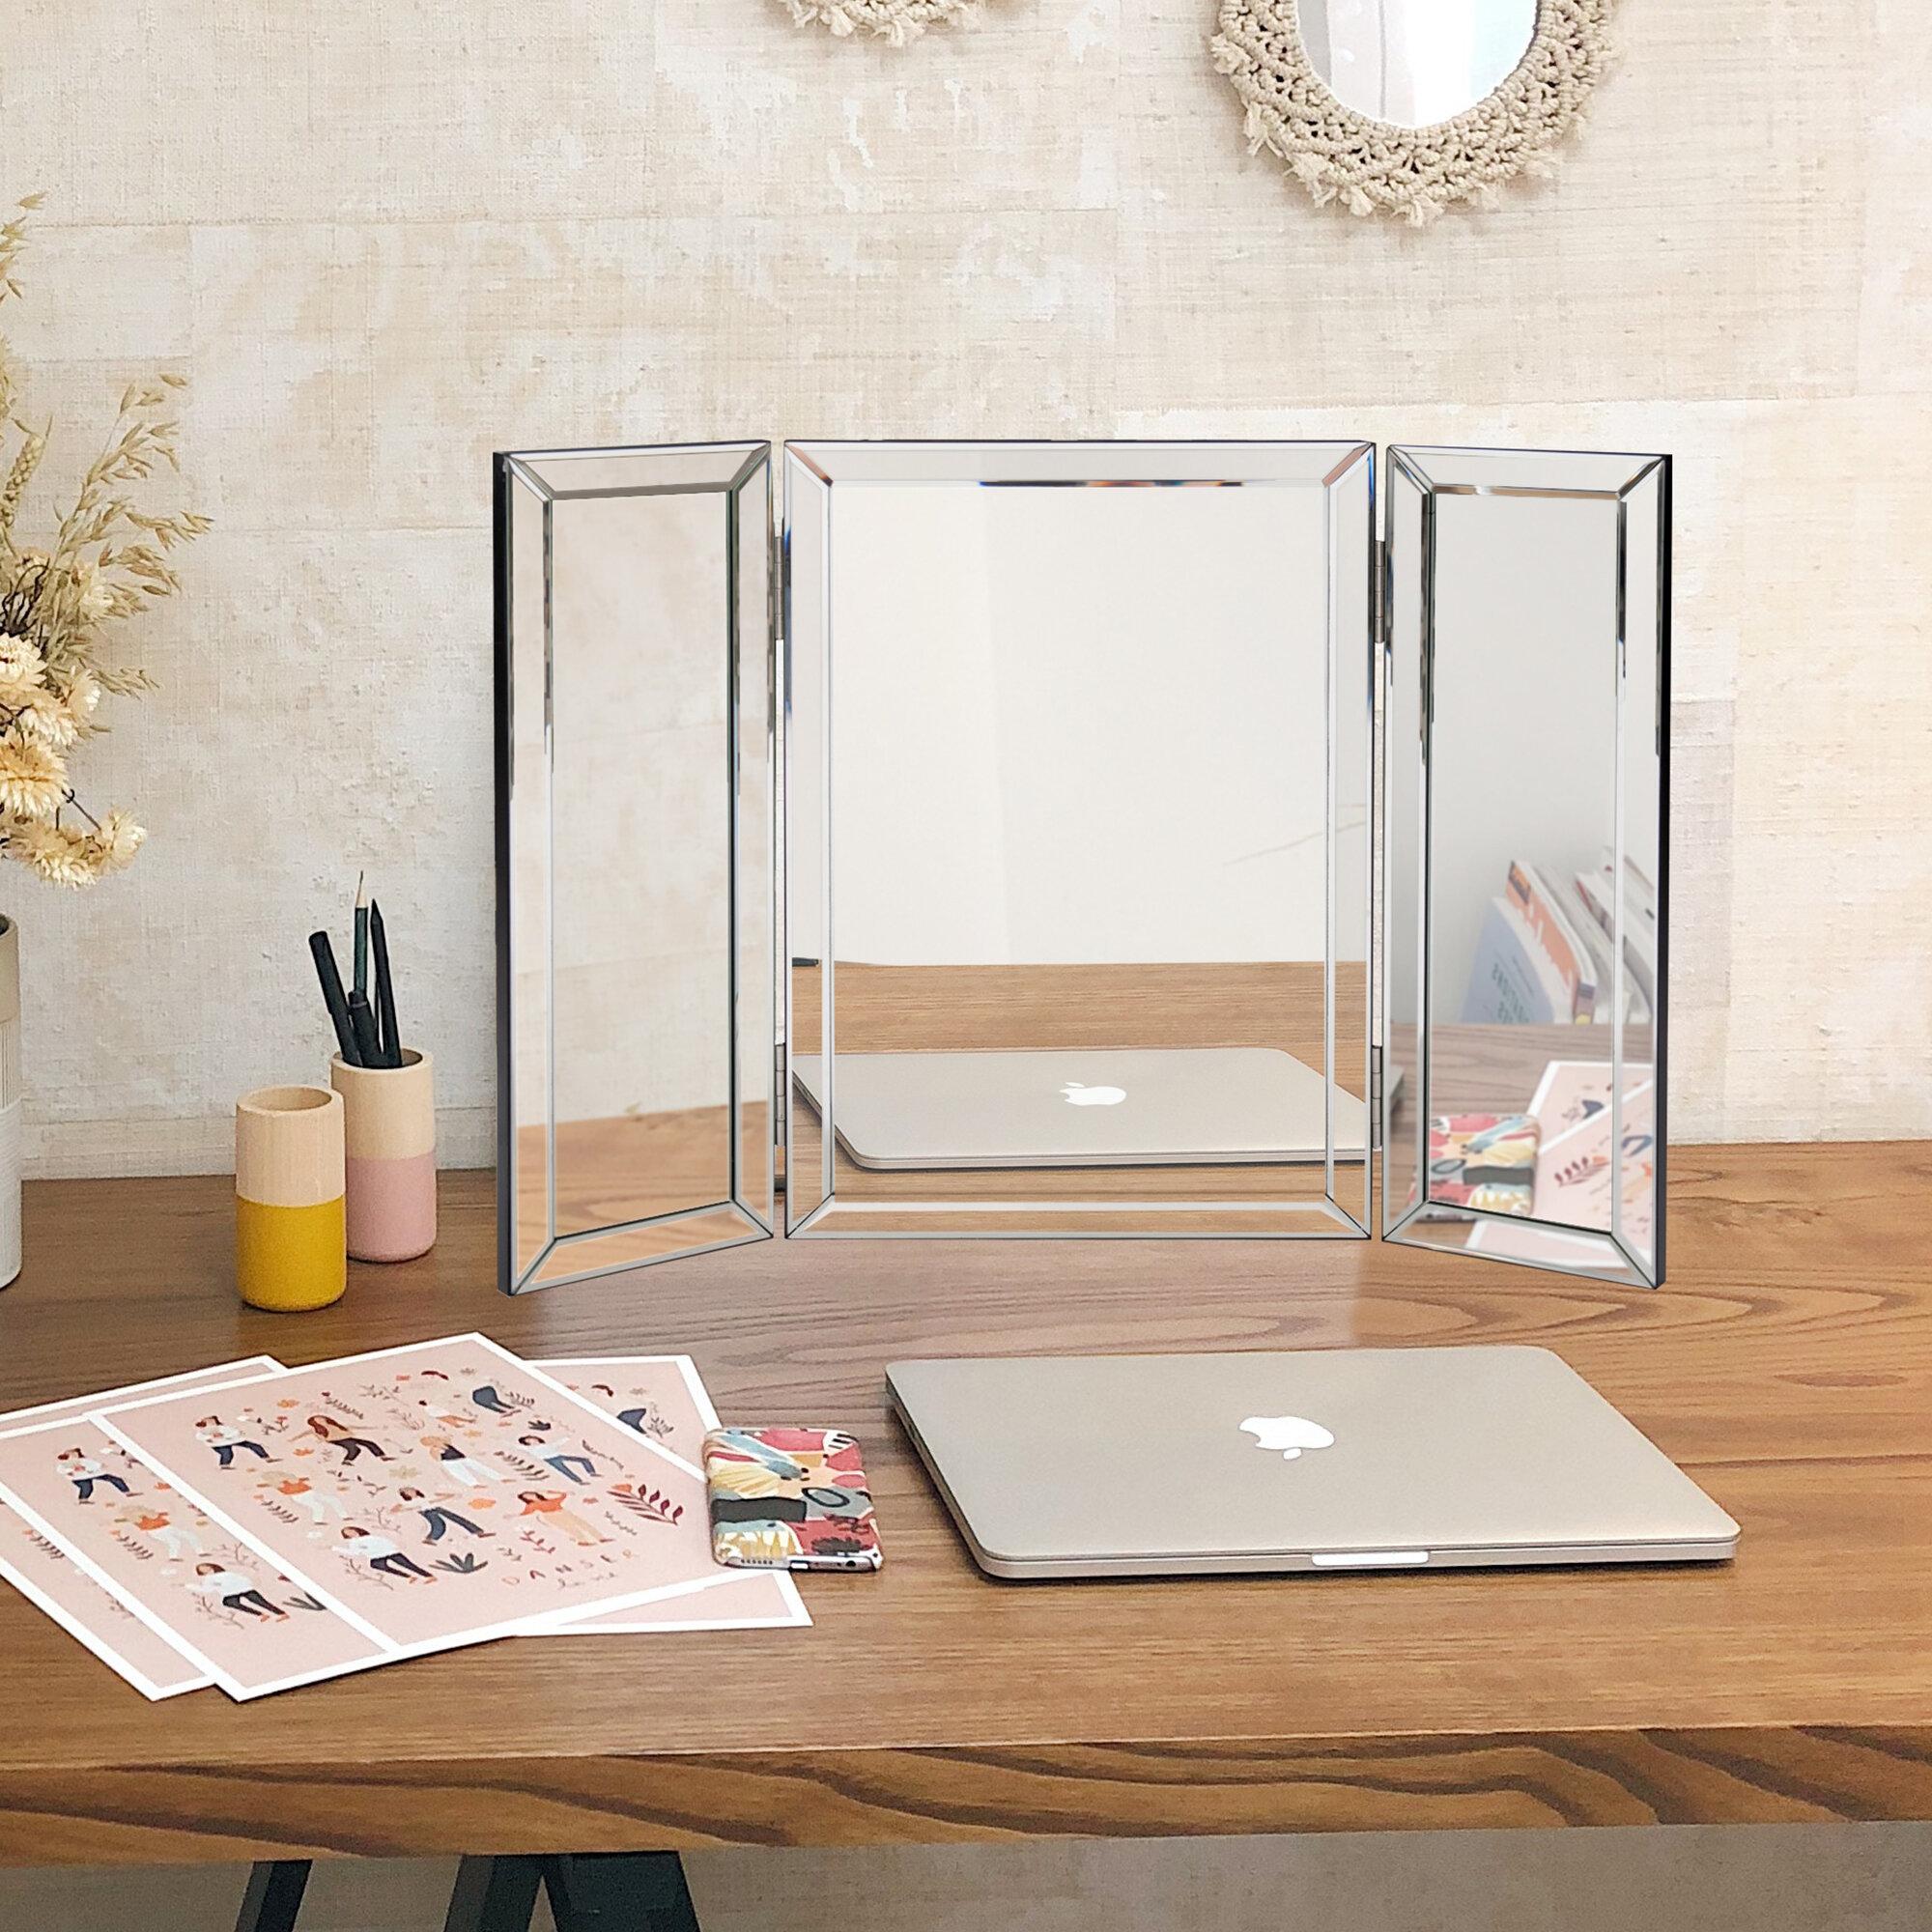 Mercer41 Piscitelli Trifold Modern Vanity Mirror Reviews Wayfair